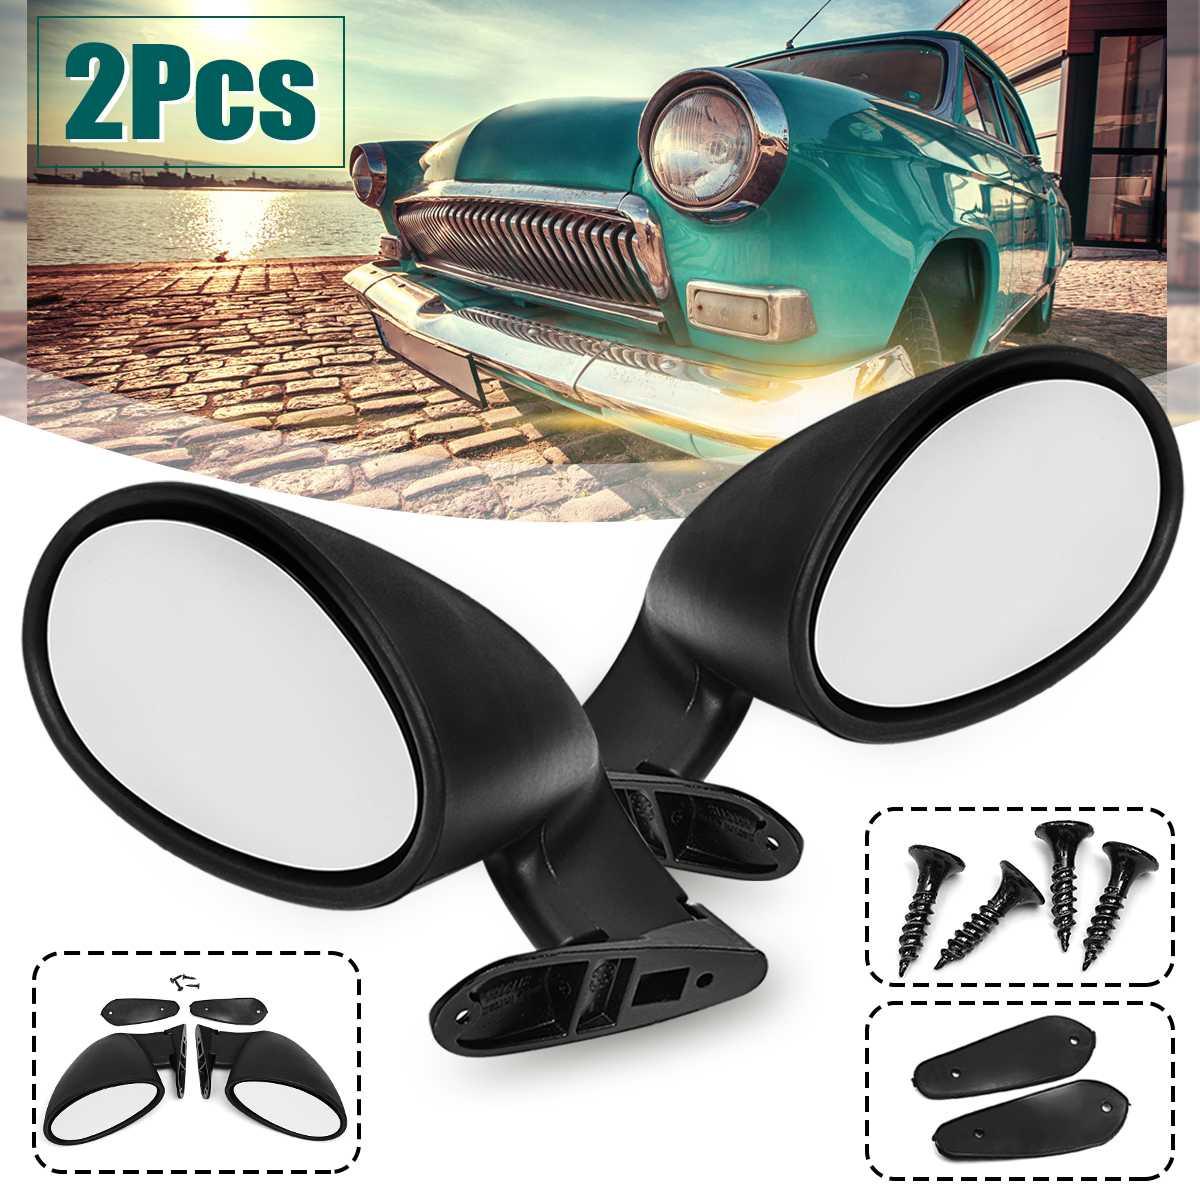 L + R Racing California universel rétro porte aile côté miroir universel Fit Vintage mat noir miroir motos pièces